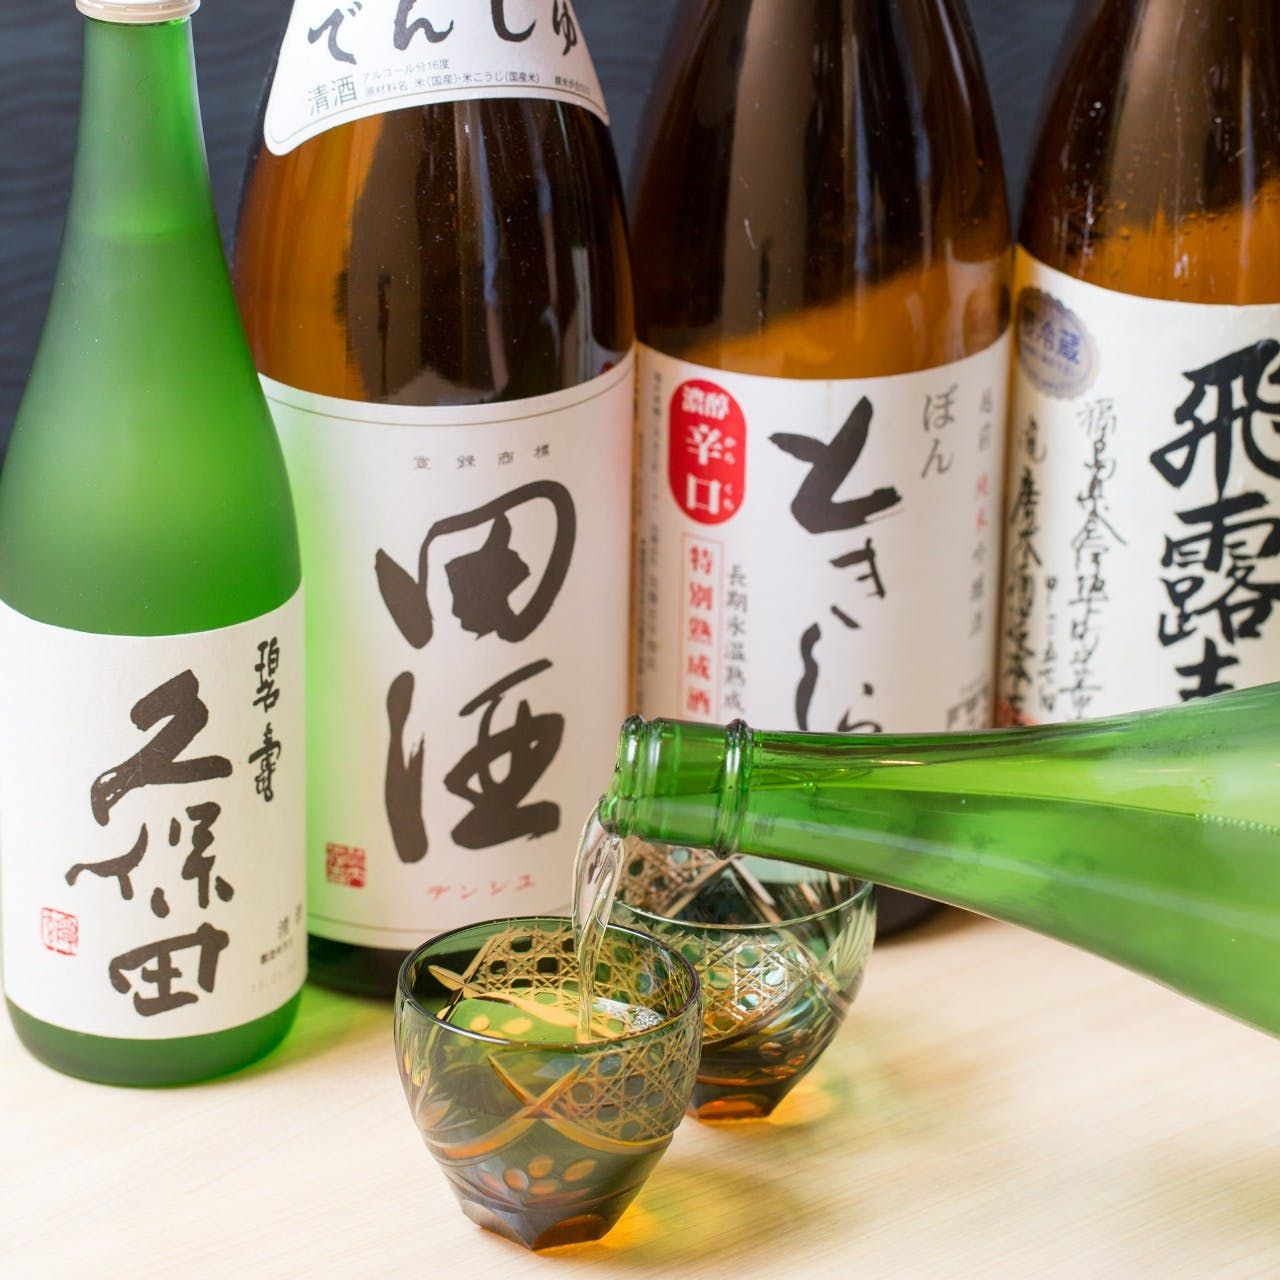 全国より厳選した地酒を約30種類ご用意。